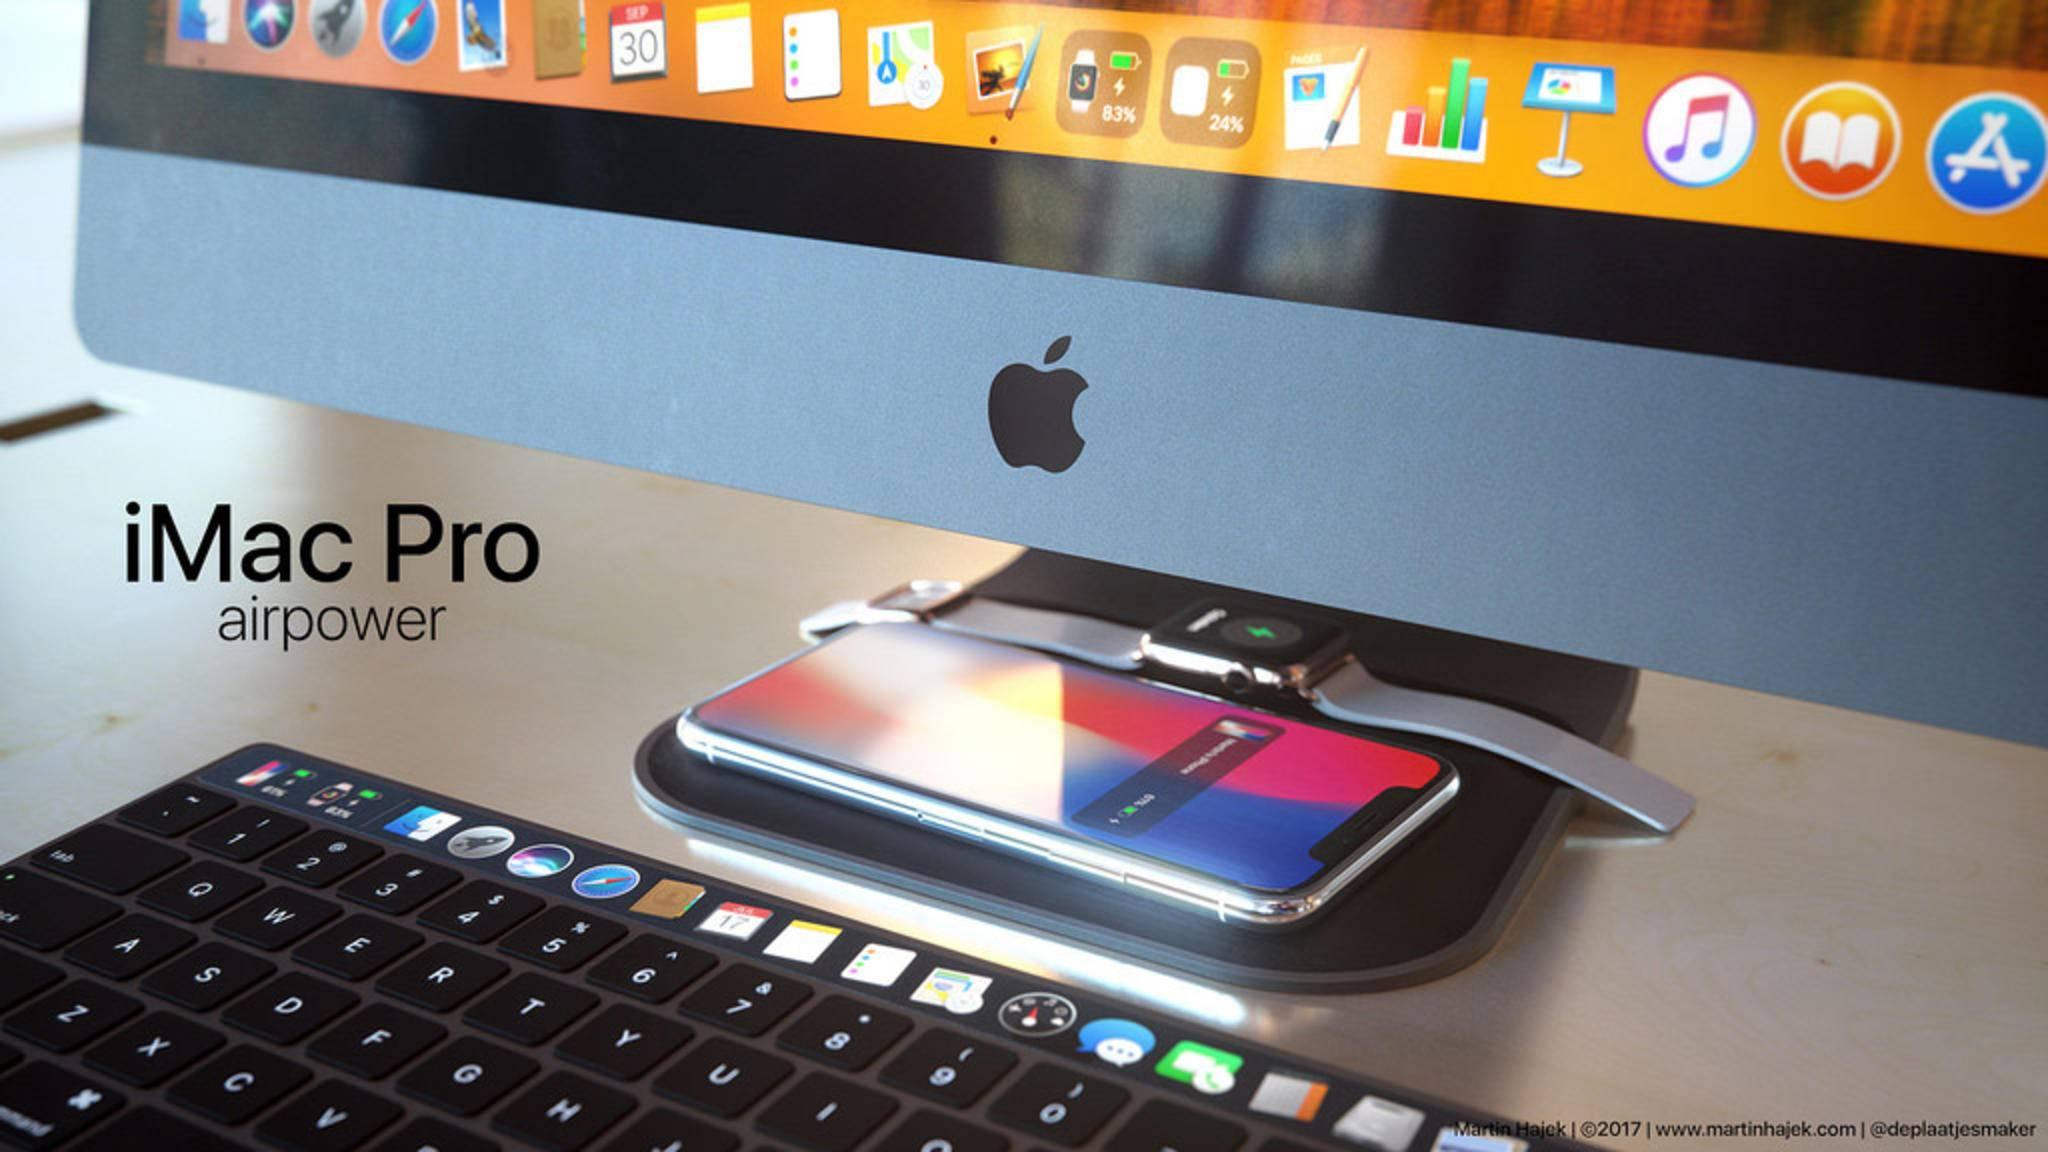 IMac Pro Mit AirPower So Einfach Konnte Das IPhone X Auf Dem Standfuss Geladen Werden